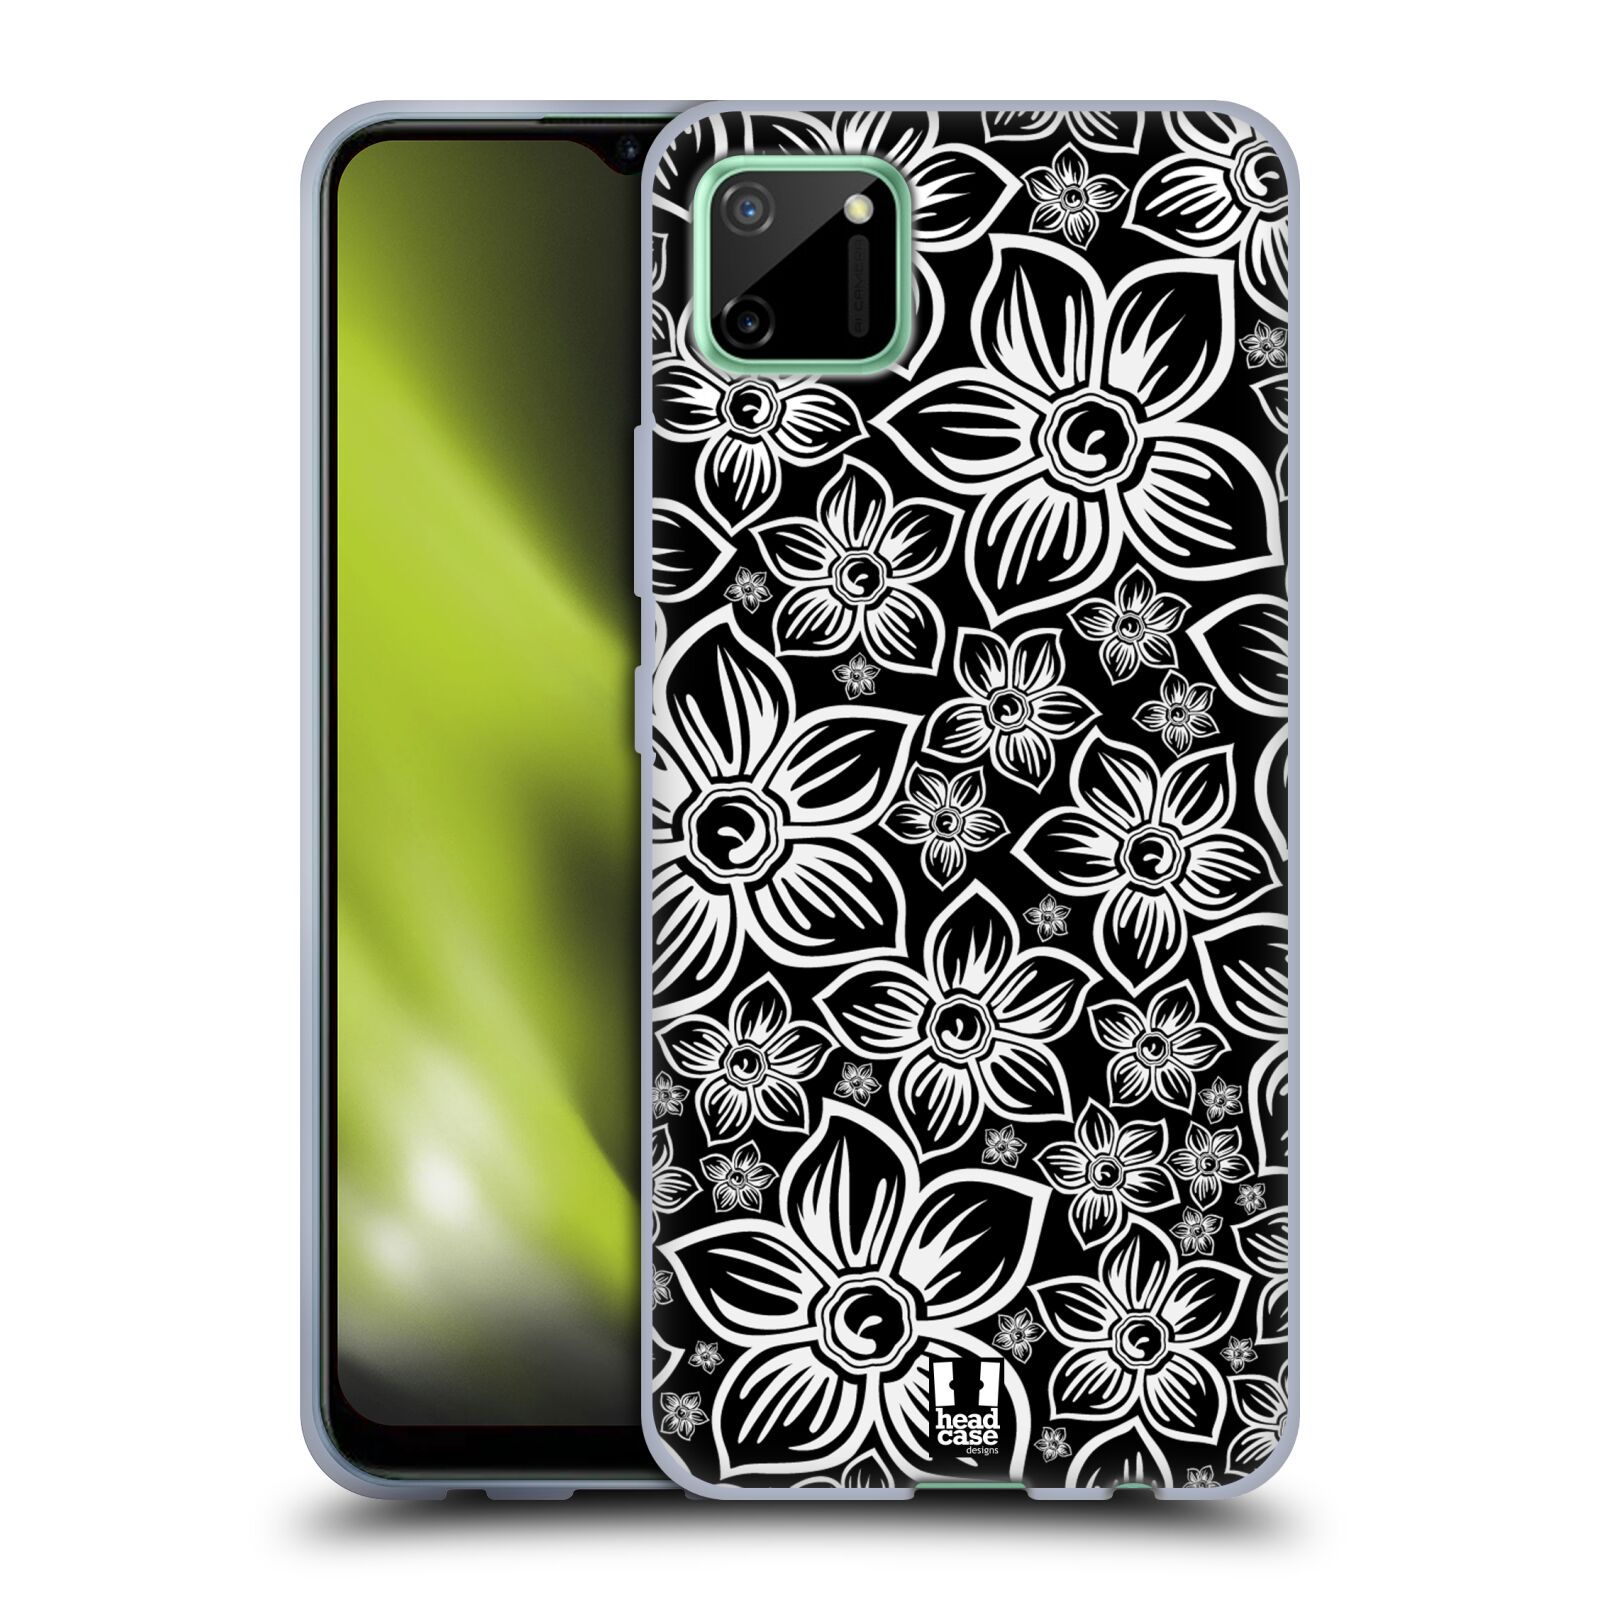 Silikonové pouzdro na mobil Realme C11 - Head Case - FLORAL DAISY